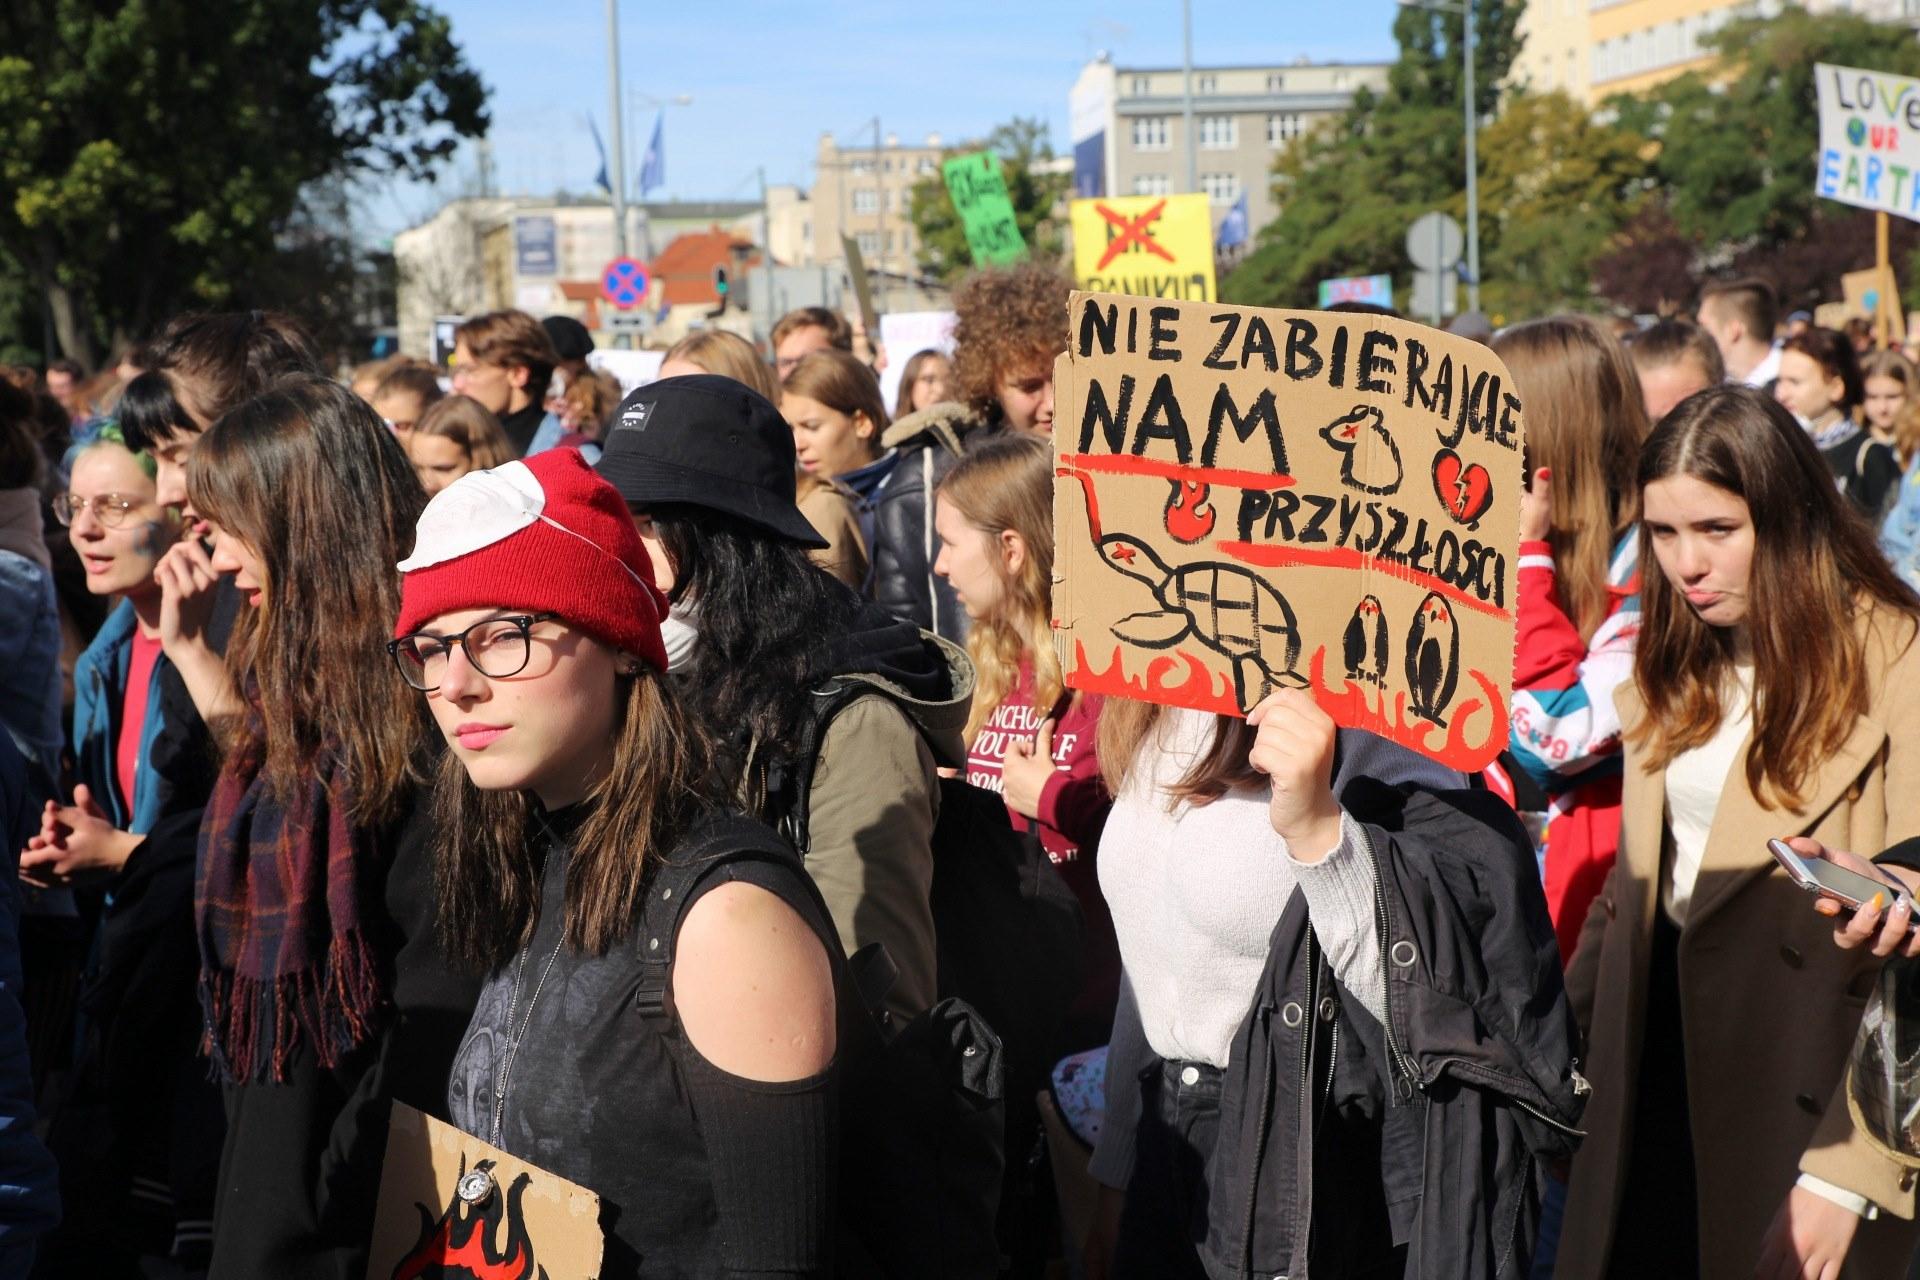 Młodzi na ulicach przeciwko zmianom klimatycznym. W południe wiec w Trójmieście